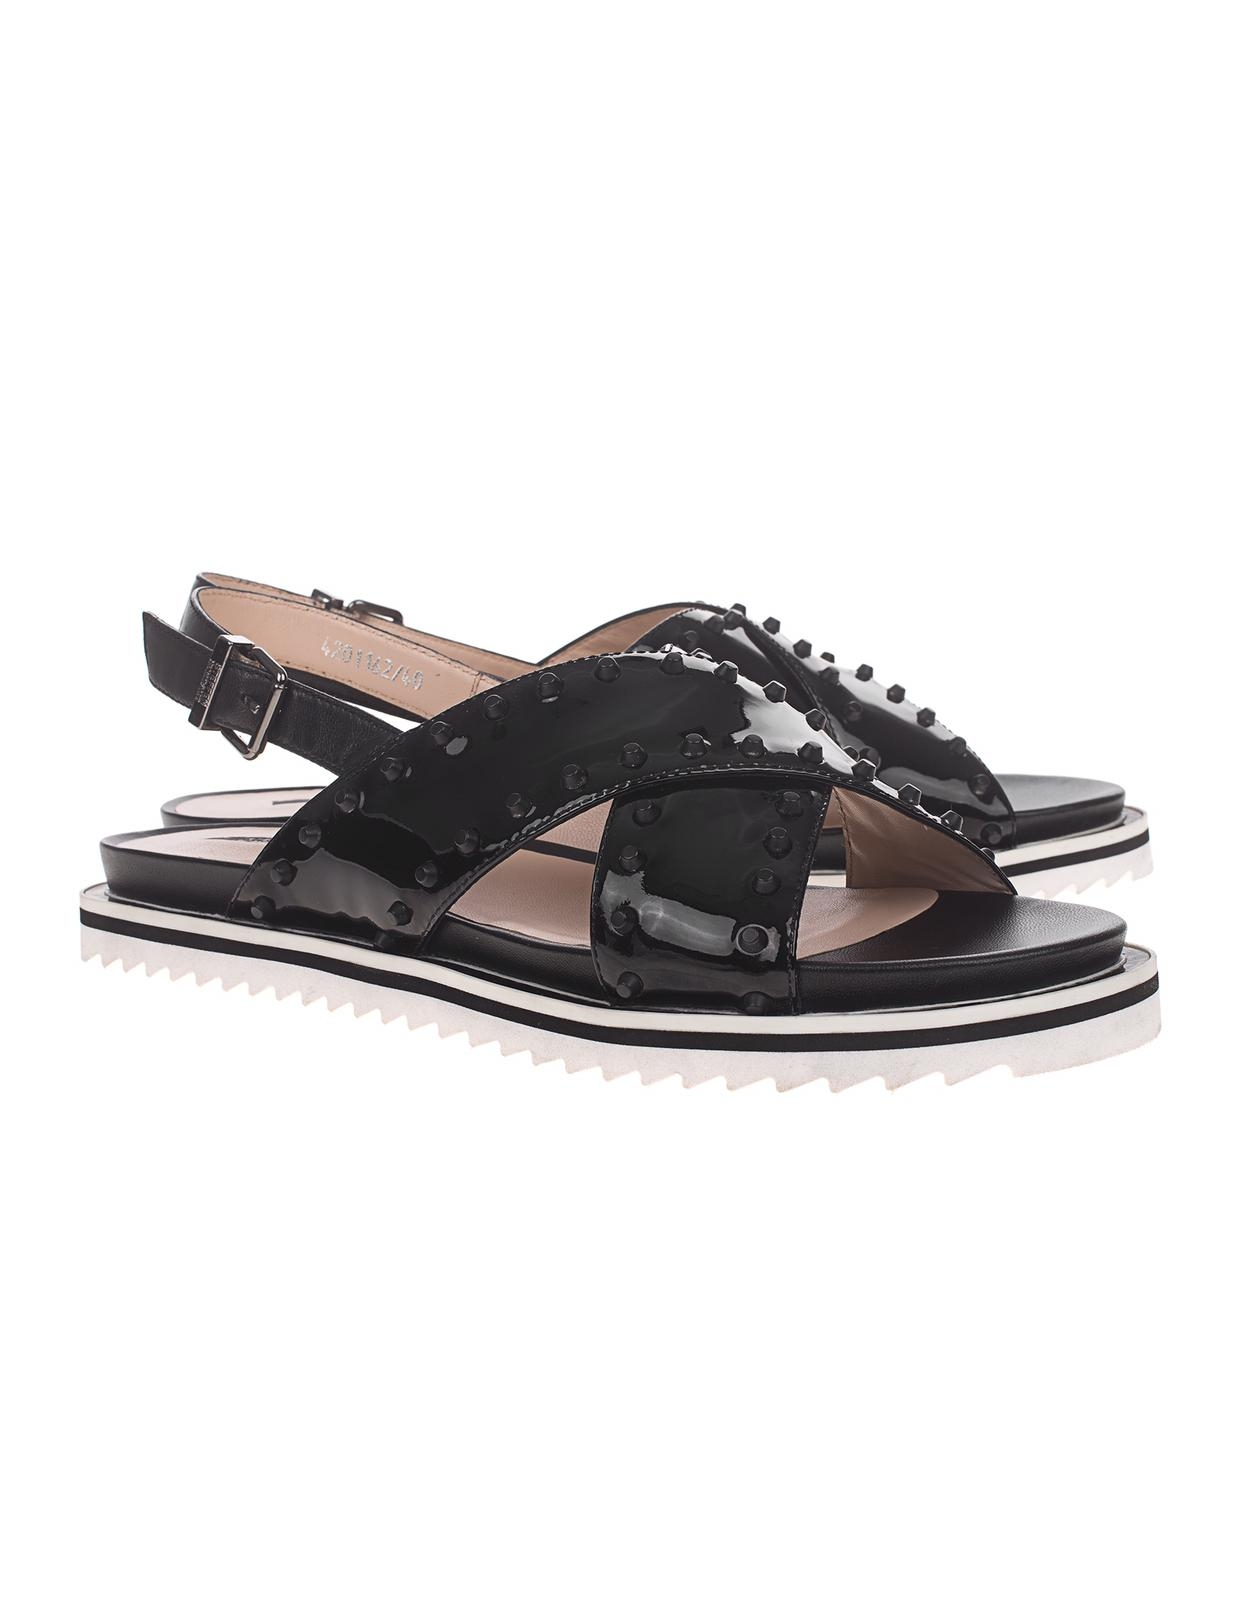 Sandalen mit Ledersohle